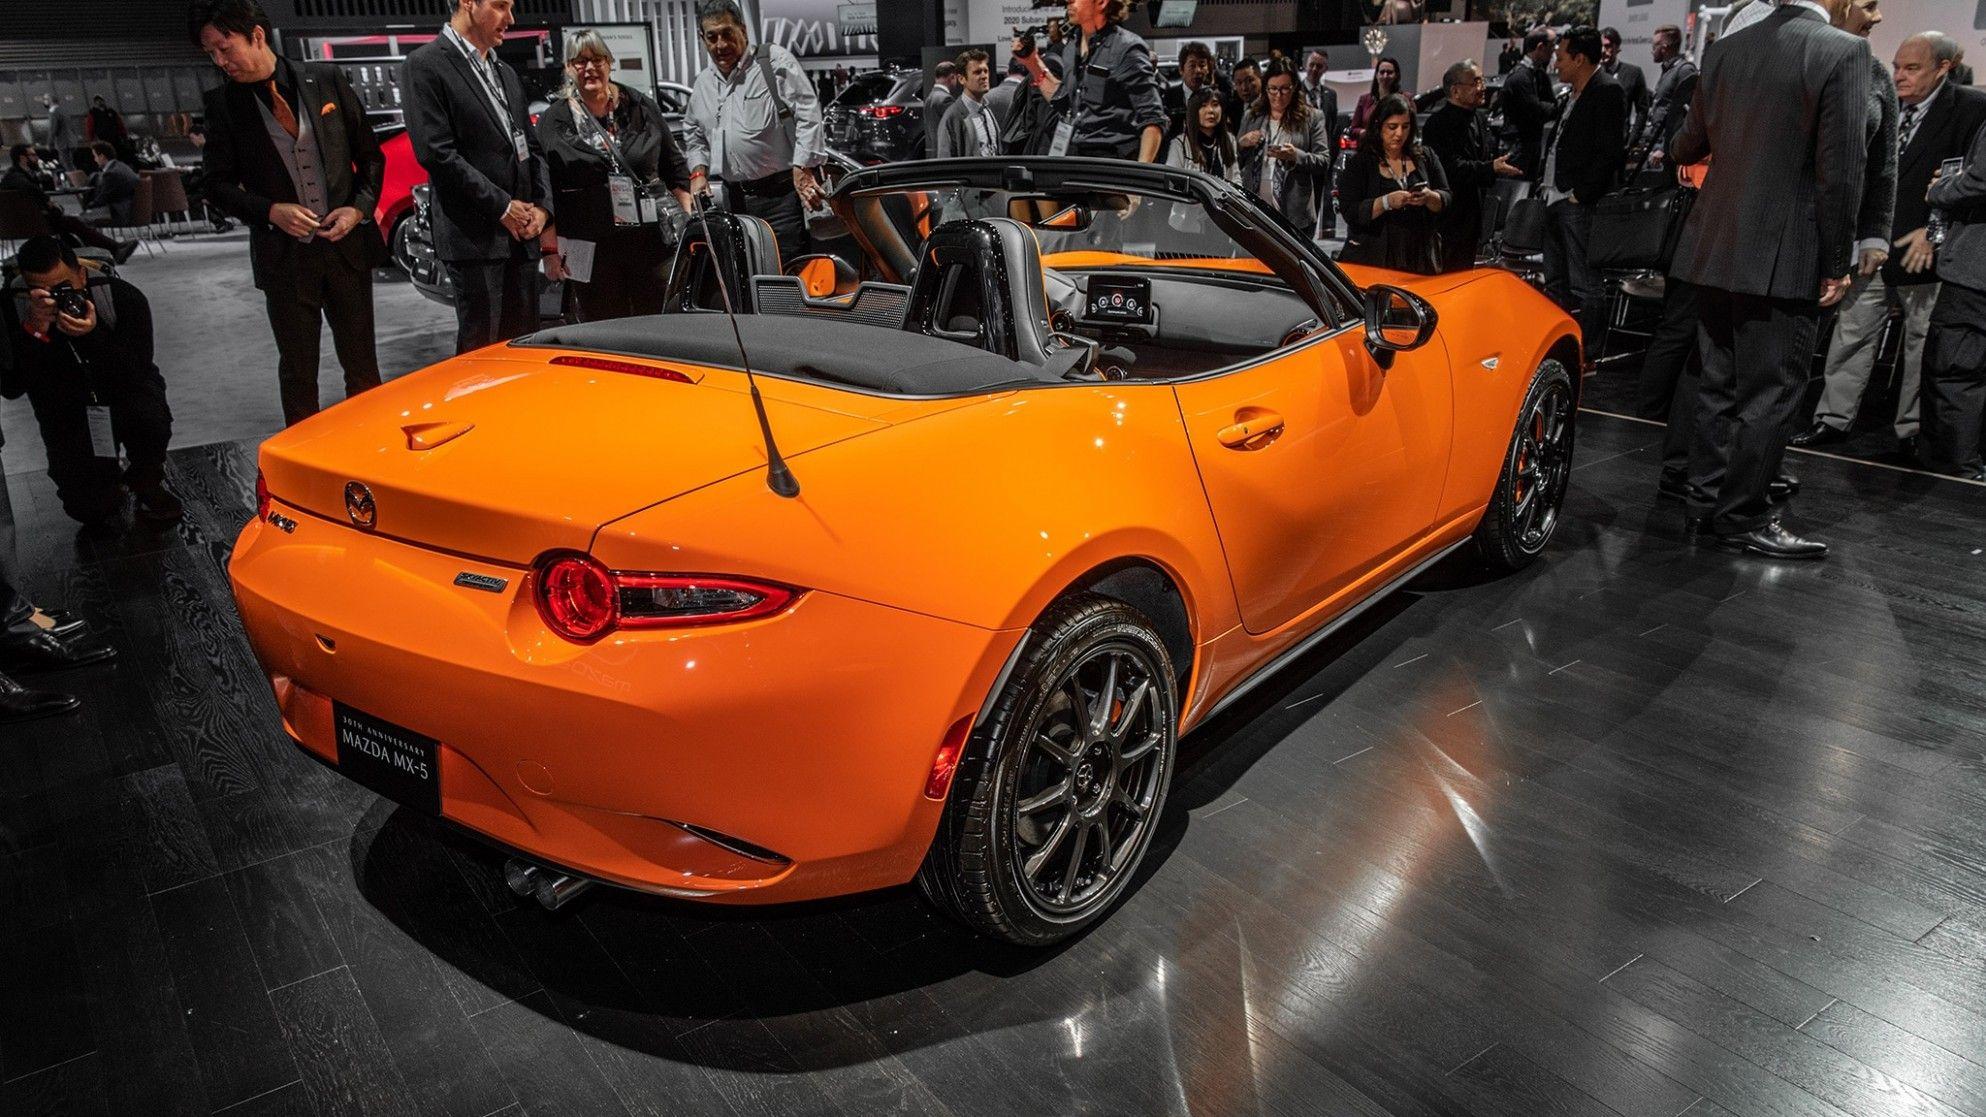 2021 Mazda Miata Specs And In 2020 Mazda Miata Mazda Mx5 Miata Miata